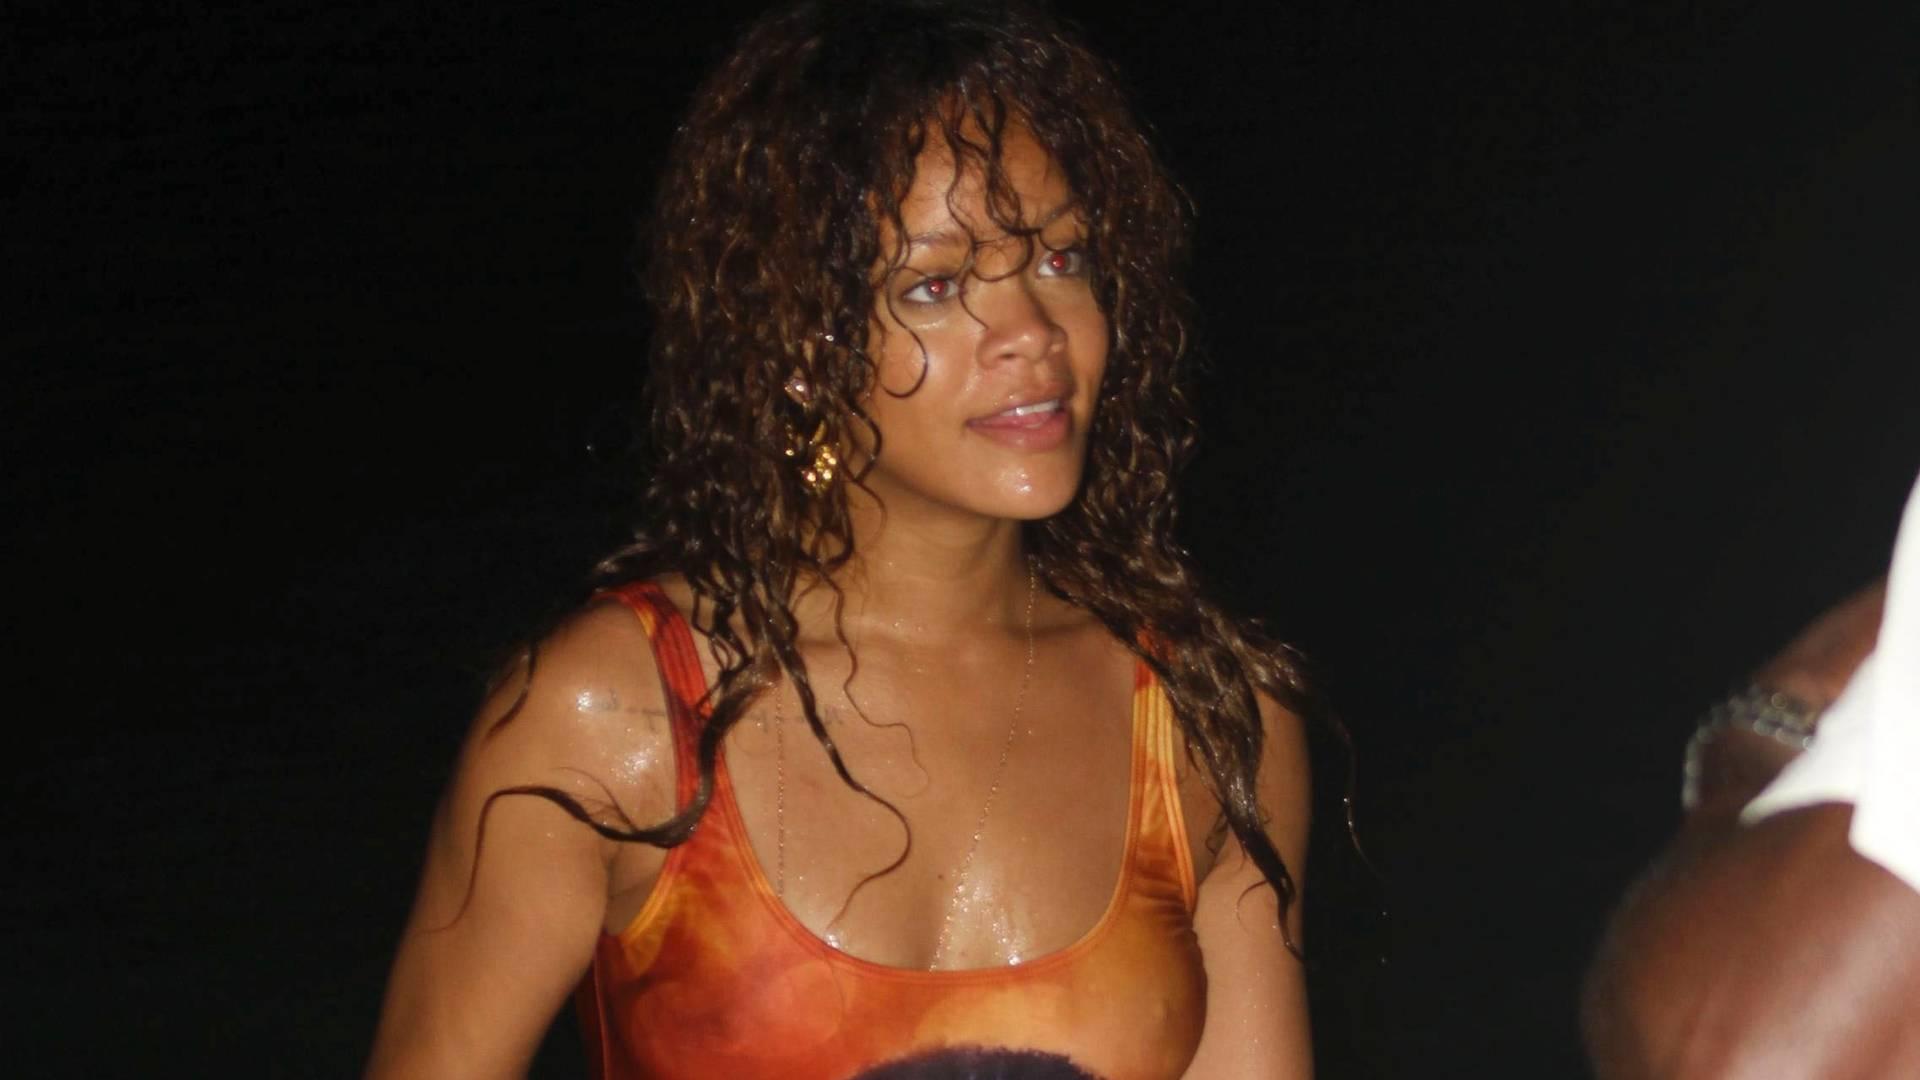 Com um maiô que tem o rosto de Bob Marley estampado, Rihanna curte praia em noite de verão em Barbados (6/8/11)